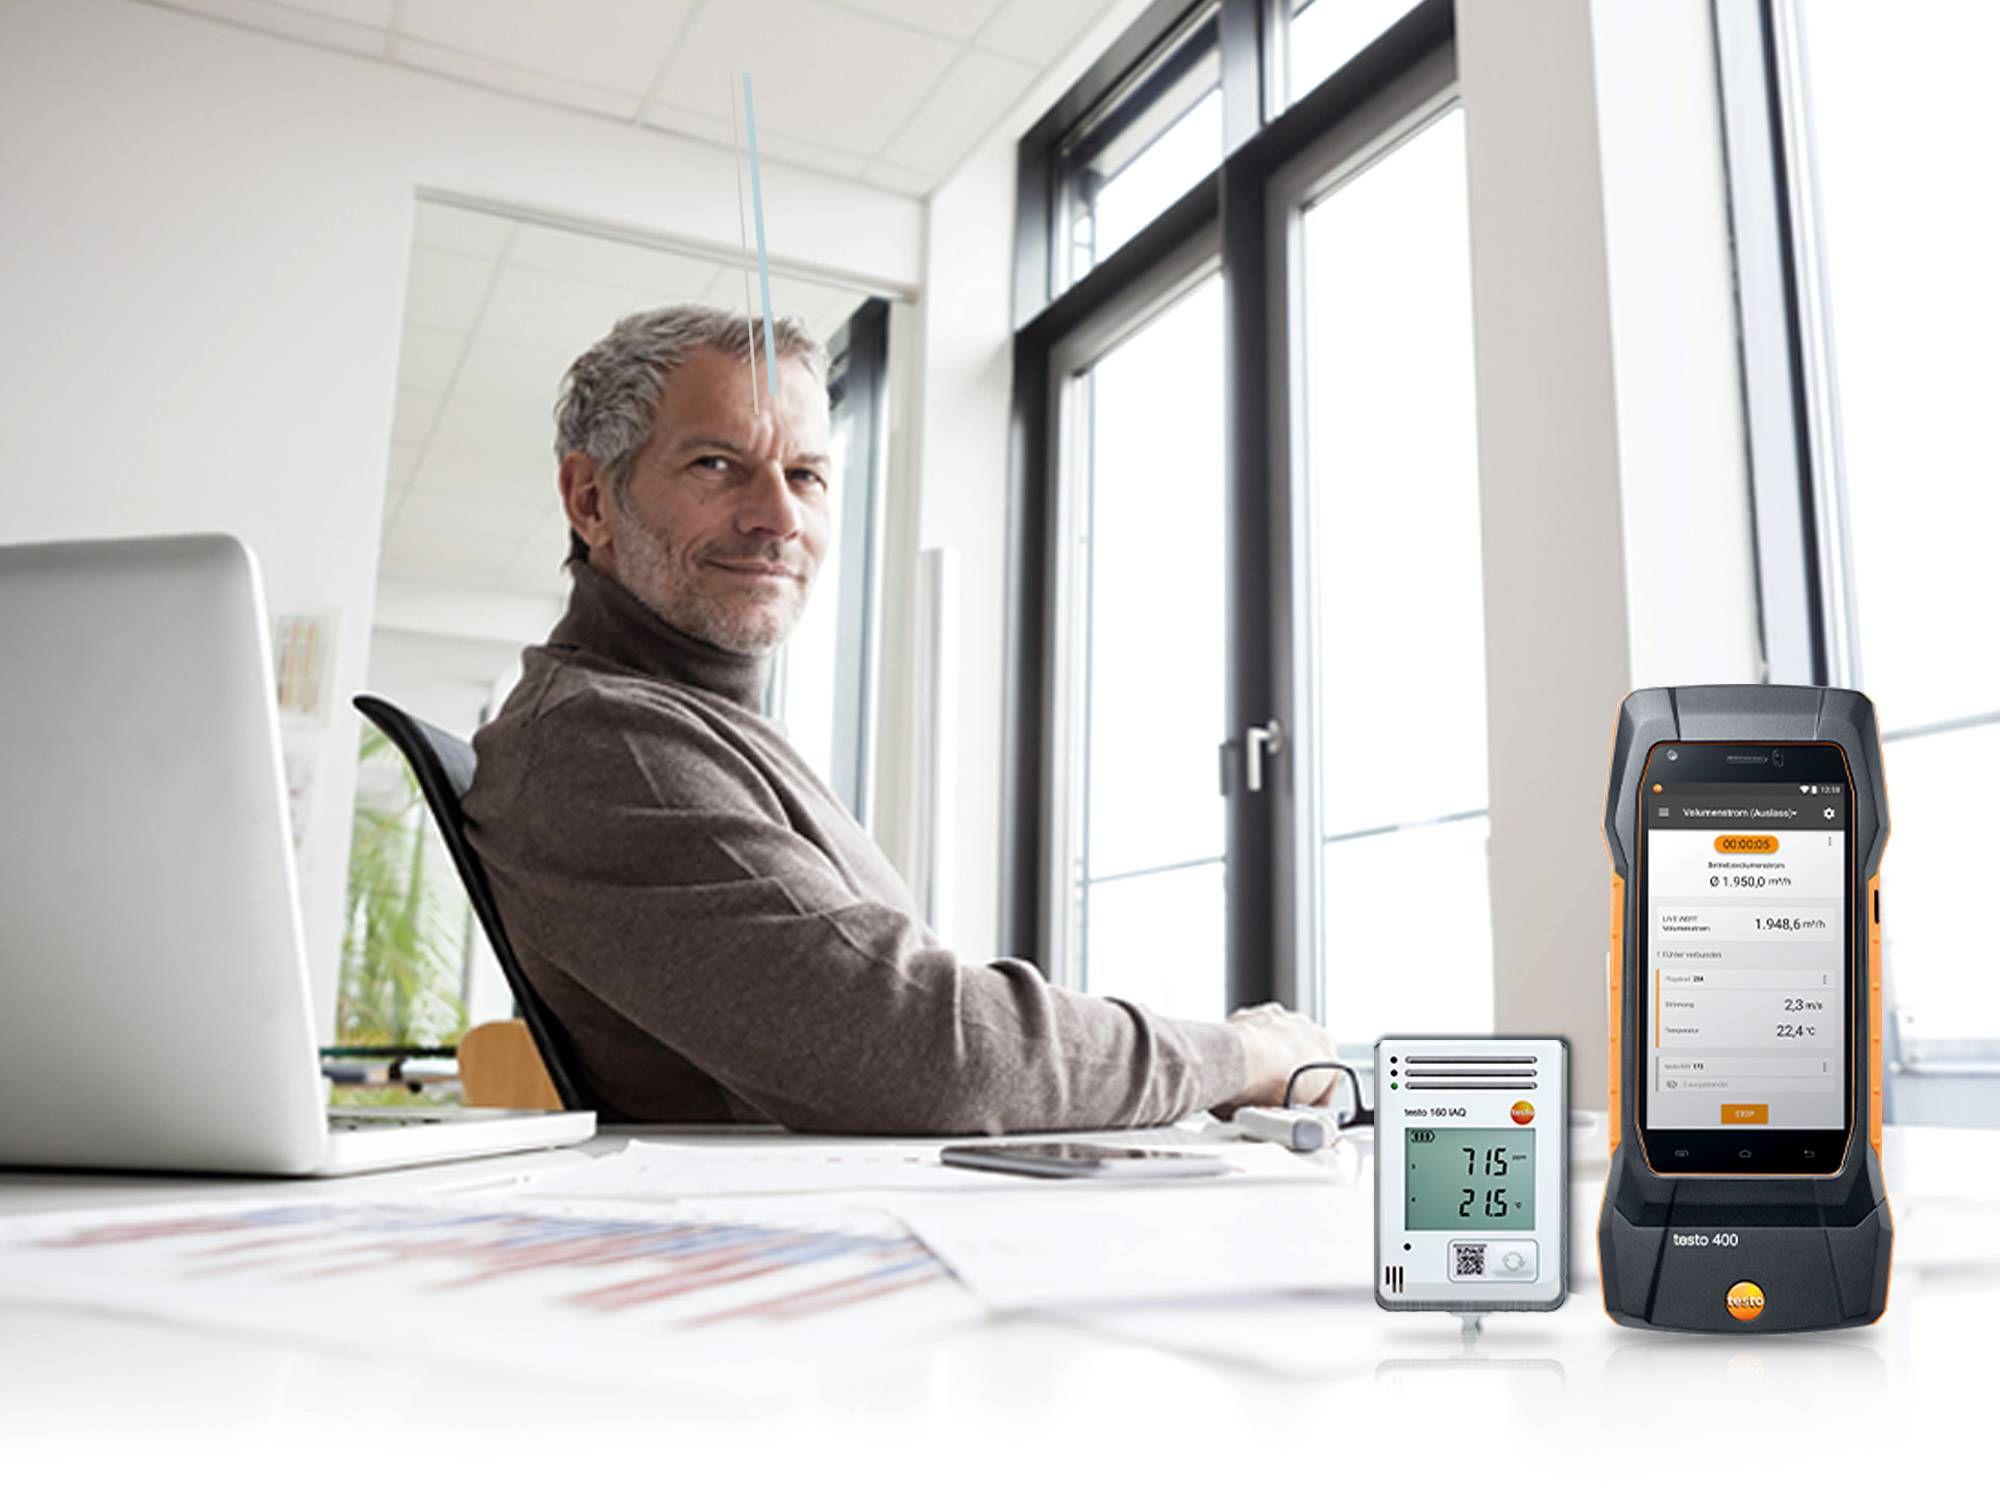 Messgeräte für den Erhalt der Gesundheit am Arbeitsplatz